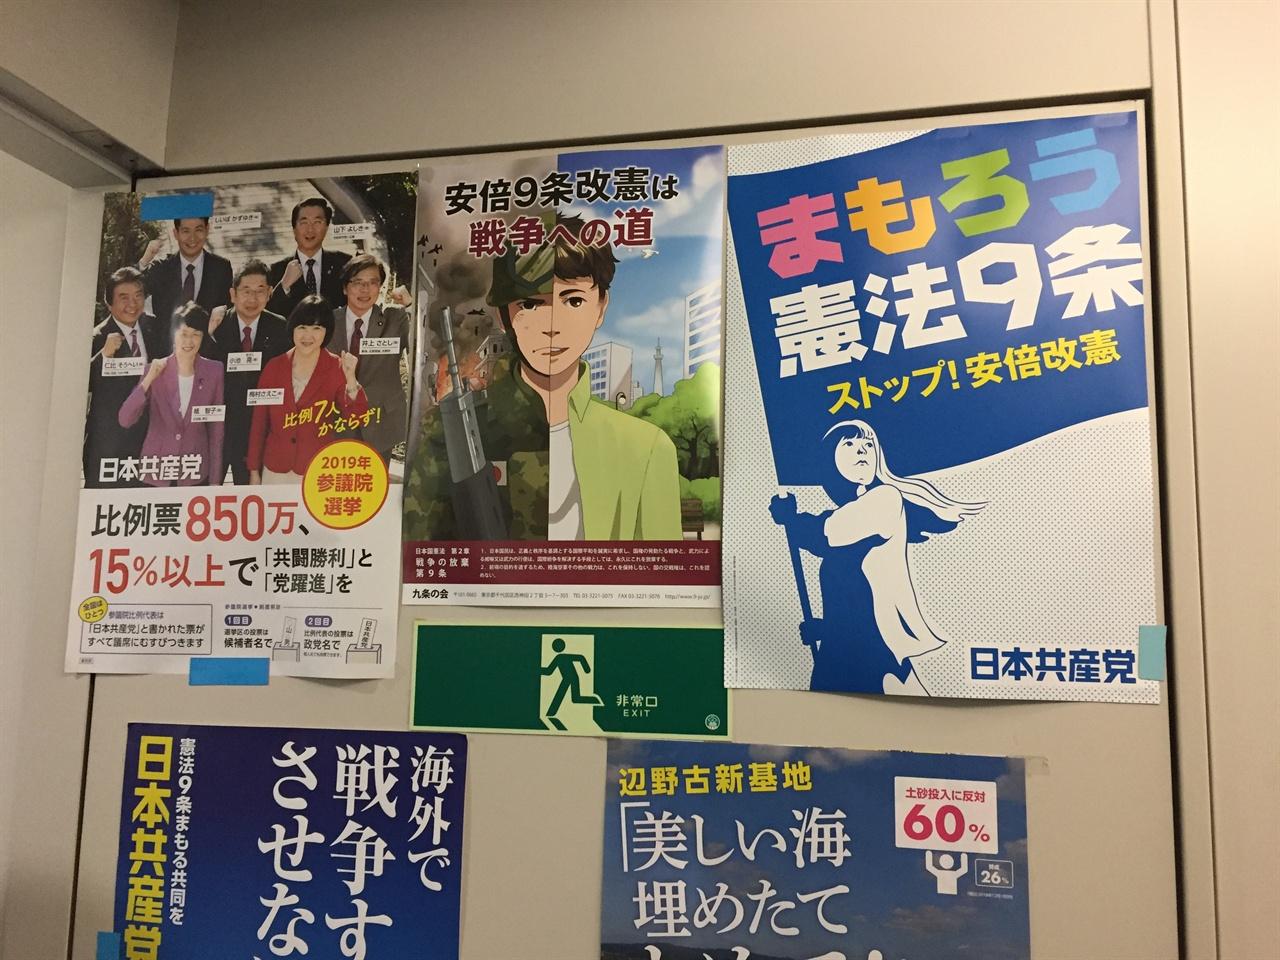 일본공산당 홍보물 일본공산당 중앙위원회 내부에 게시된 홍보물